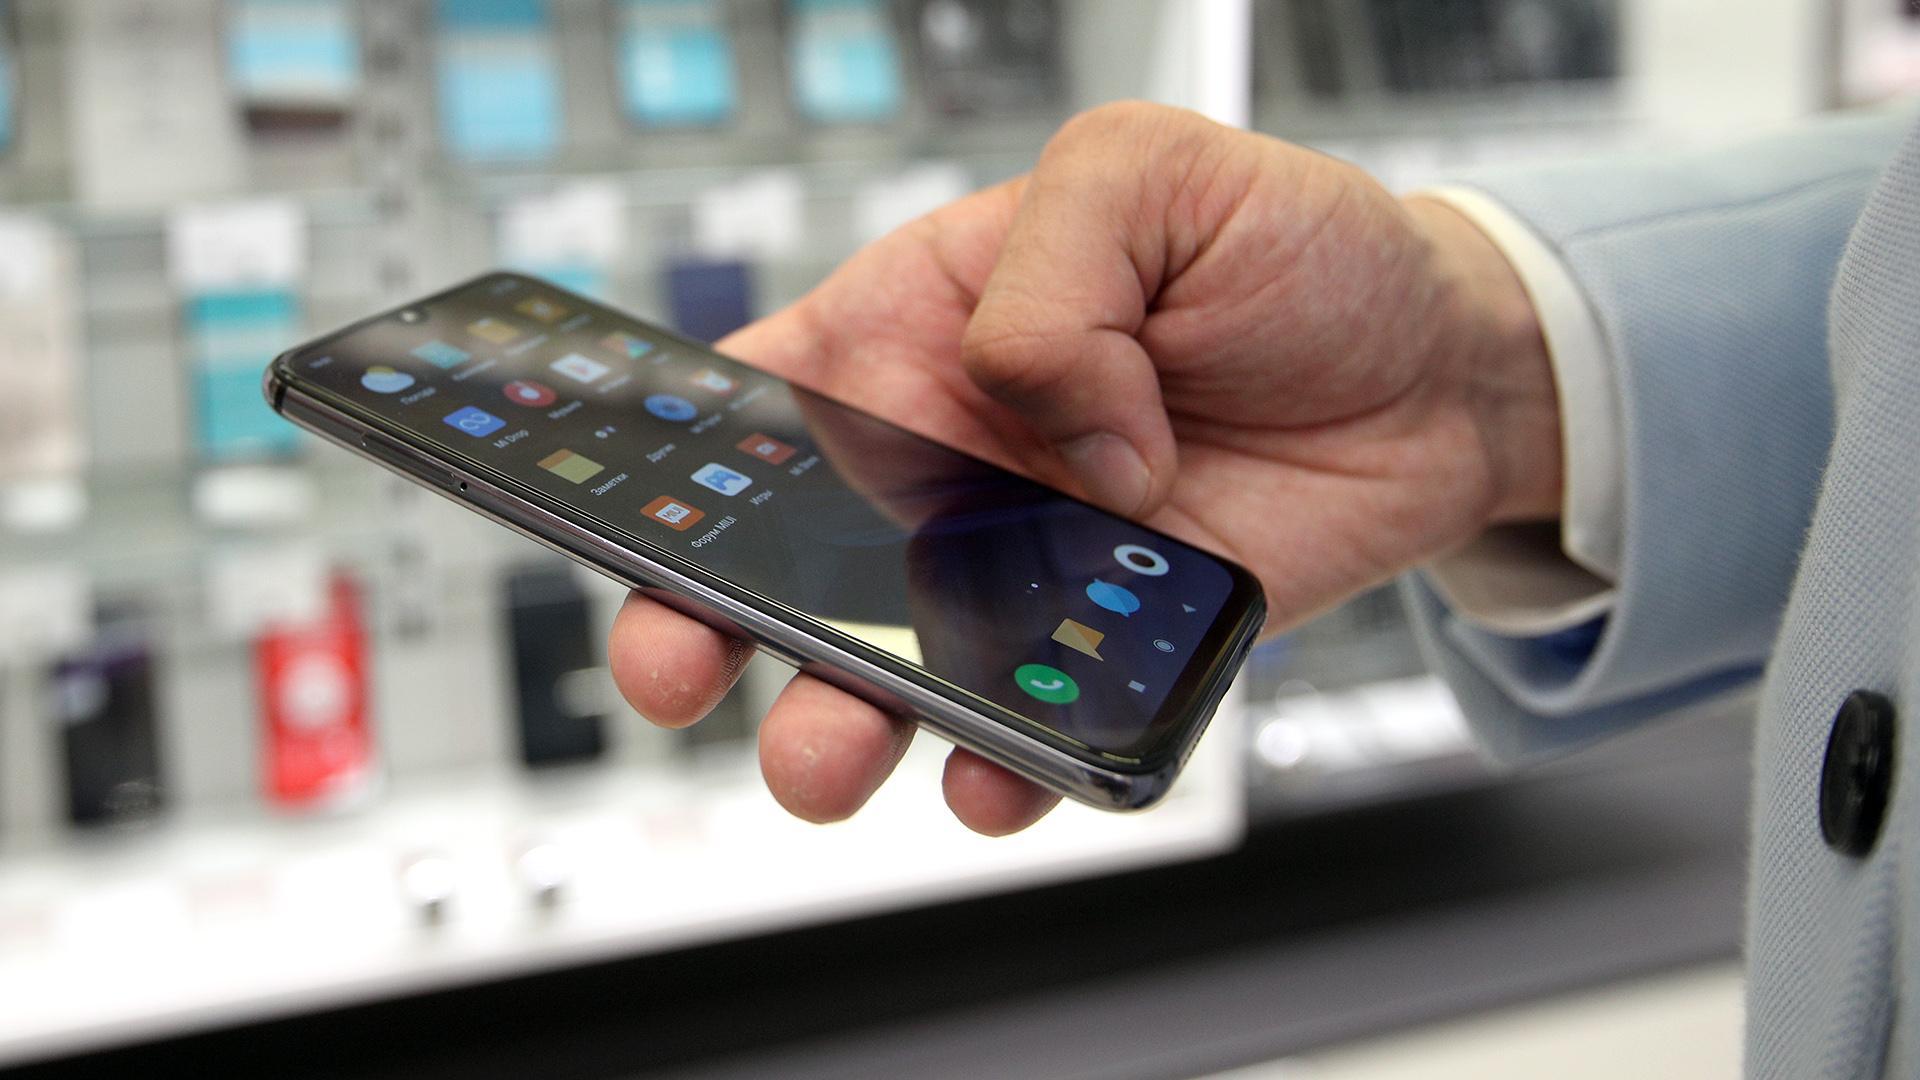 Стало известно, какие программы будут обязательно предустанавливать на PC и смартфонах в России